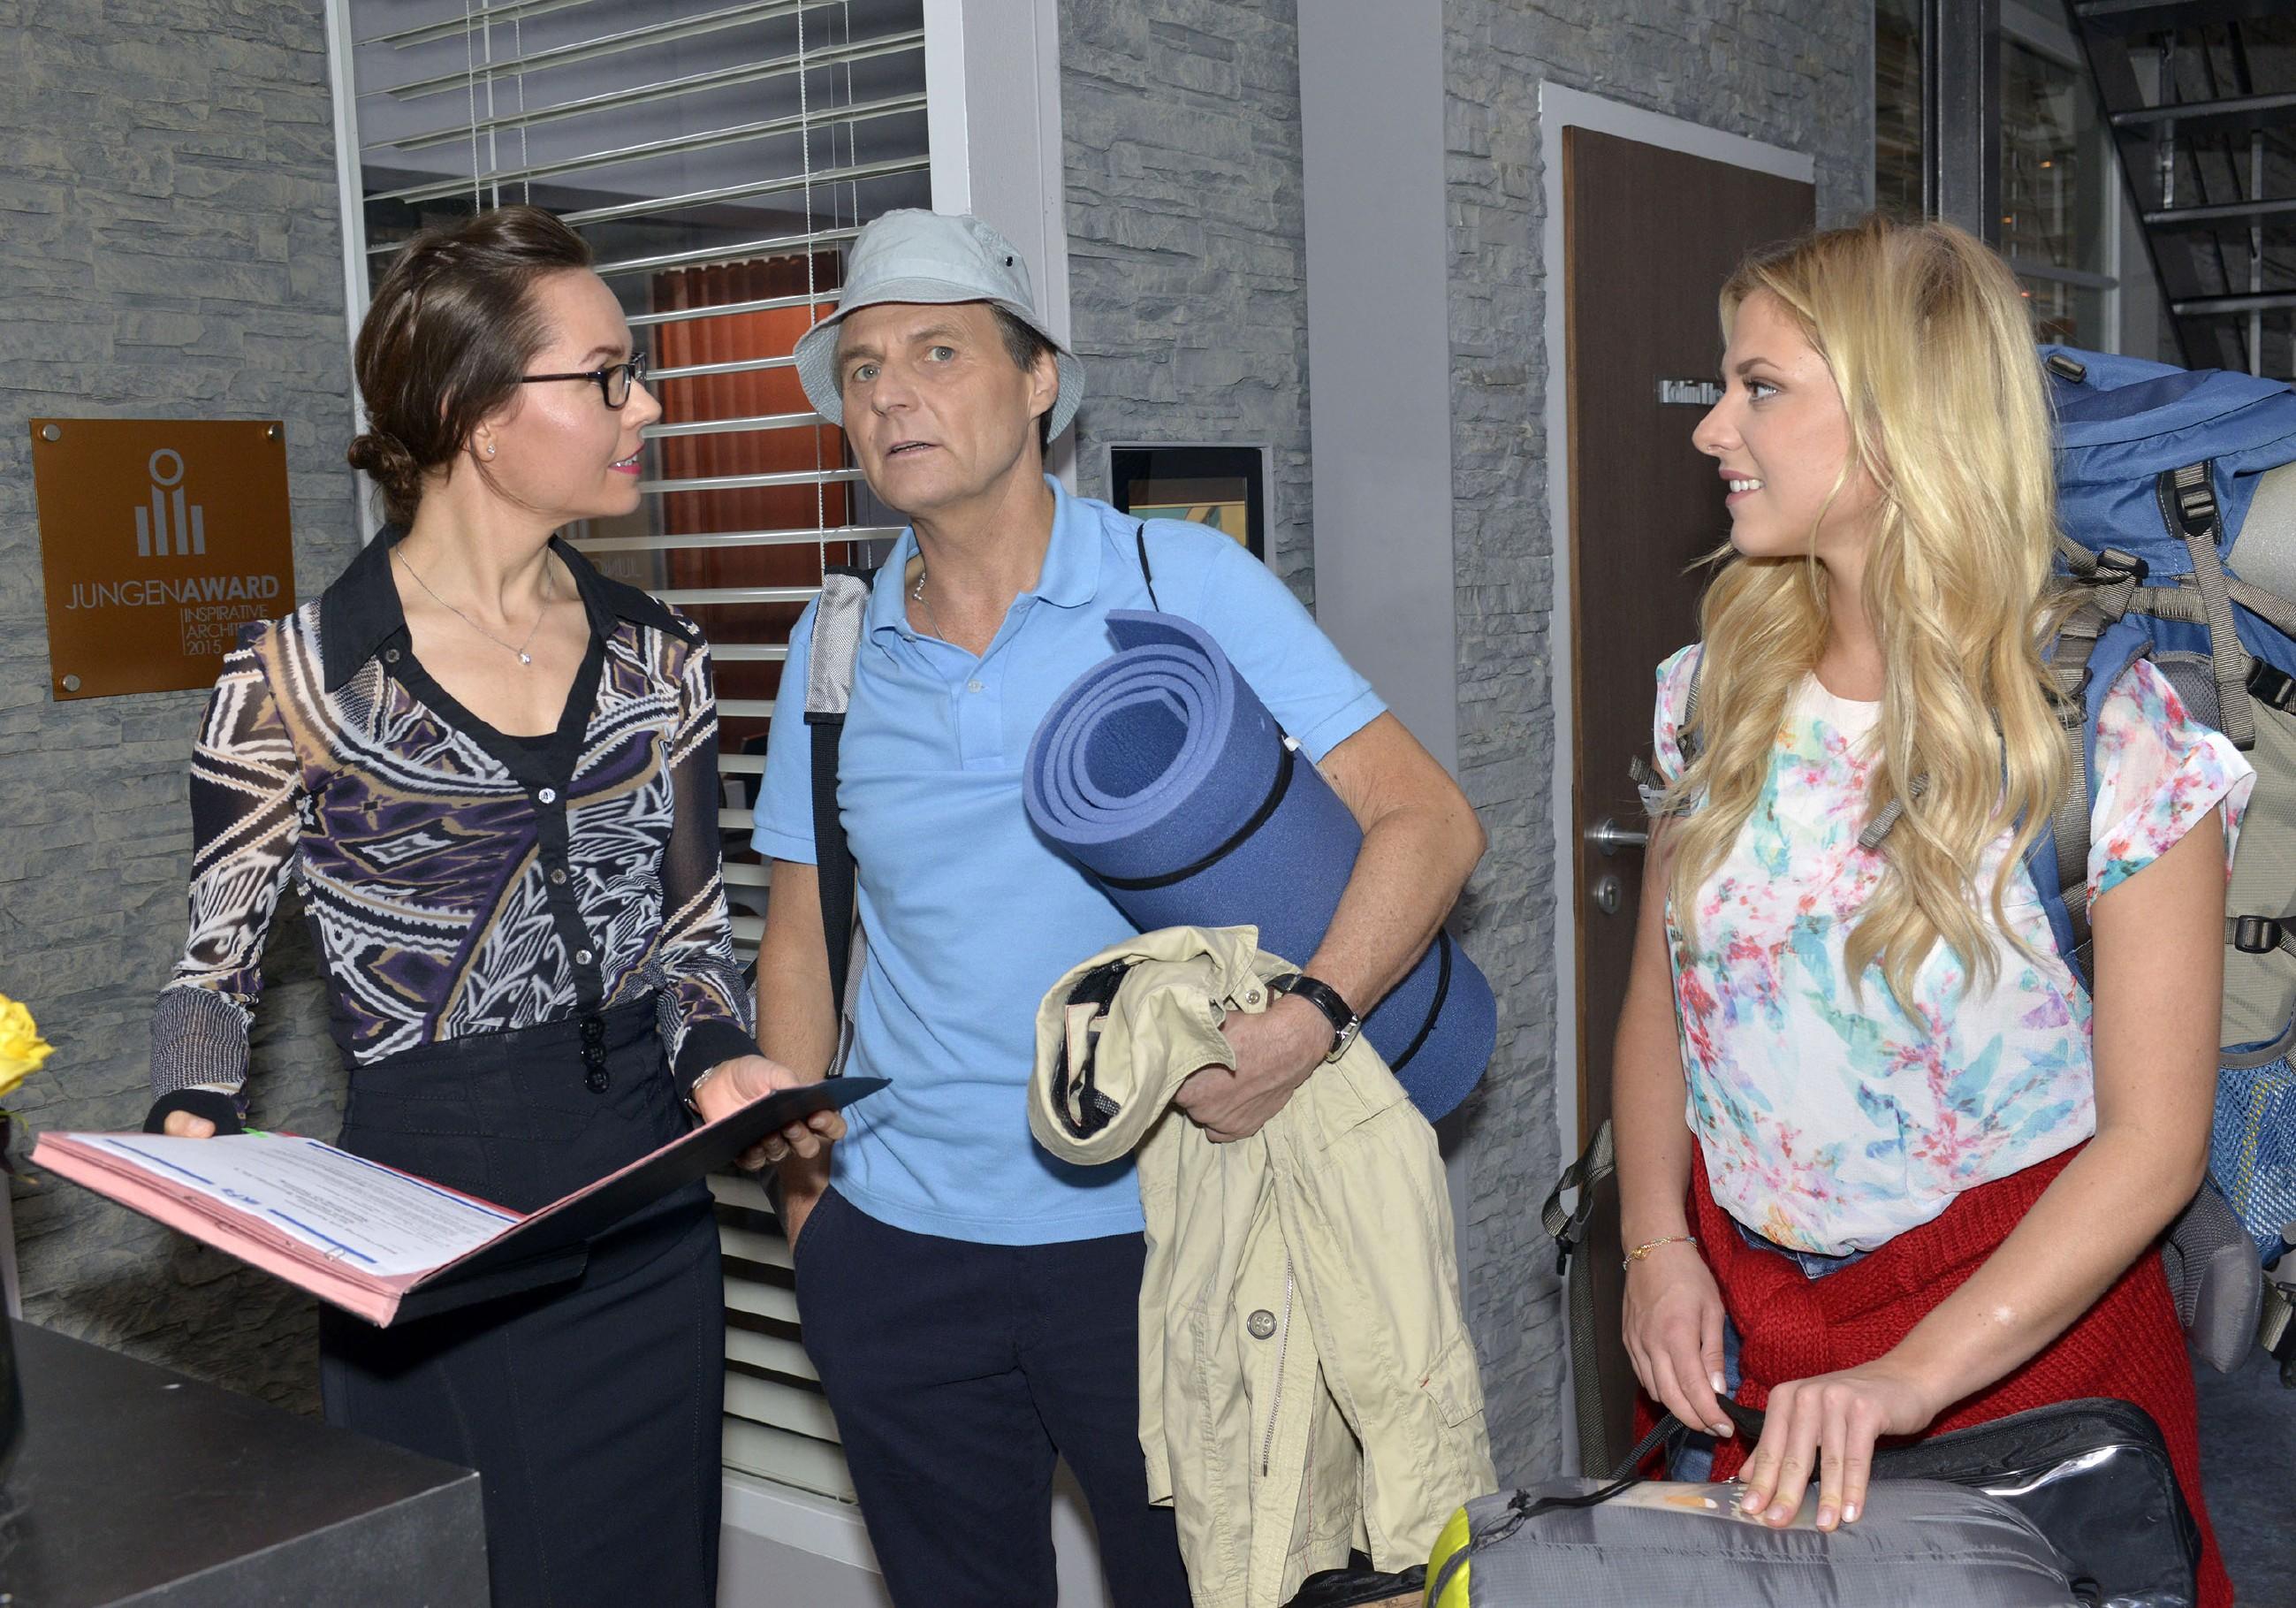 Andrea Heinrichs (Yvonne Ernicke, l.) verabschiedet Gerner (Wolfgang Bahro) und Sunny (Valentina Pahde), die zu ihrem Campingausflug aufbrechen. (Quelle: RTL / Rolf Baumgartner)